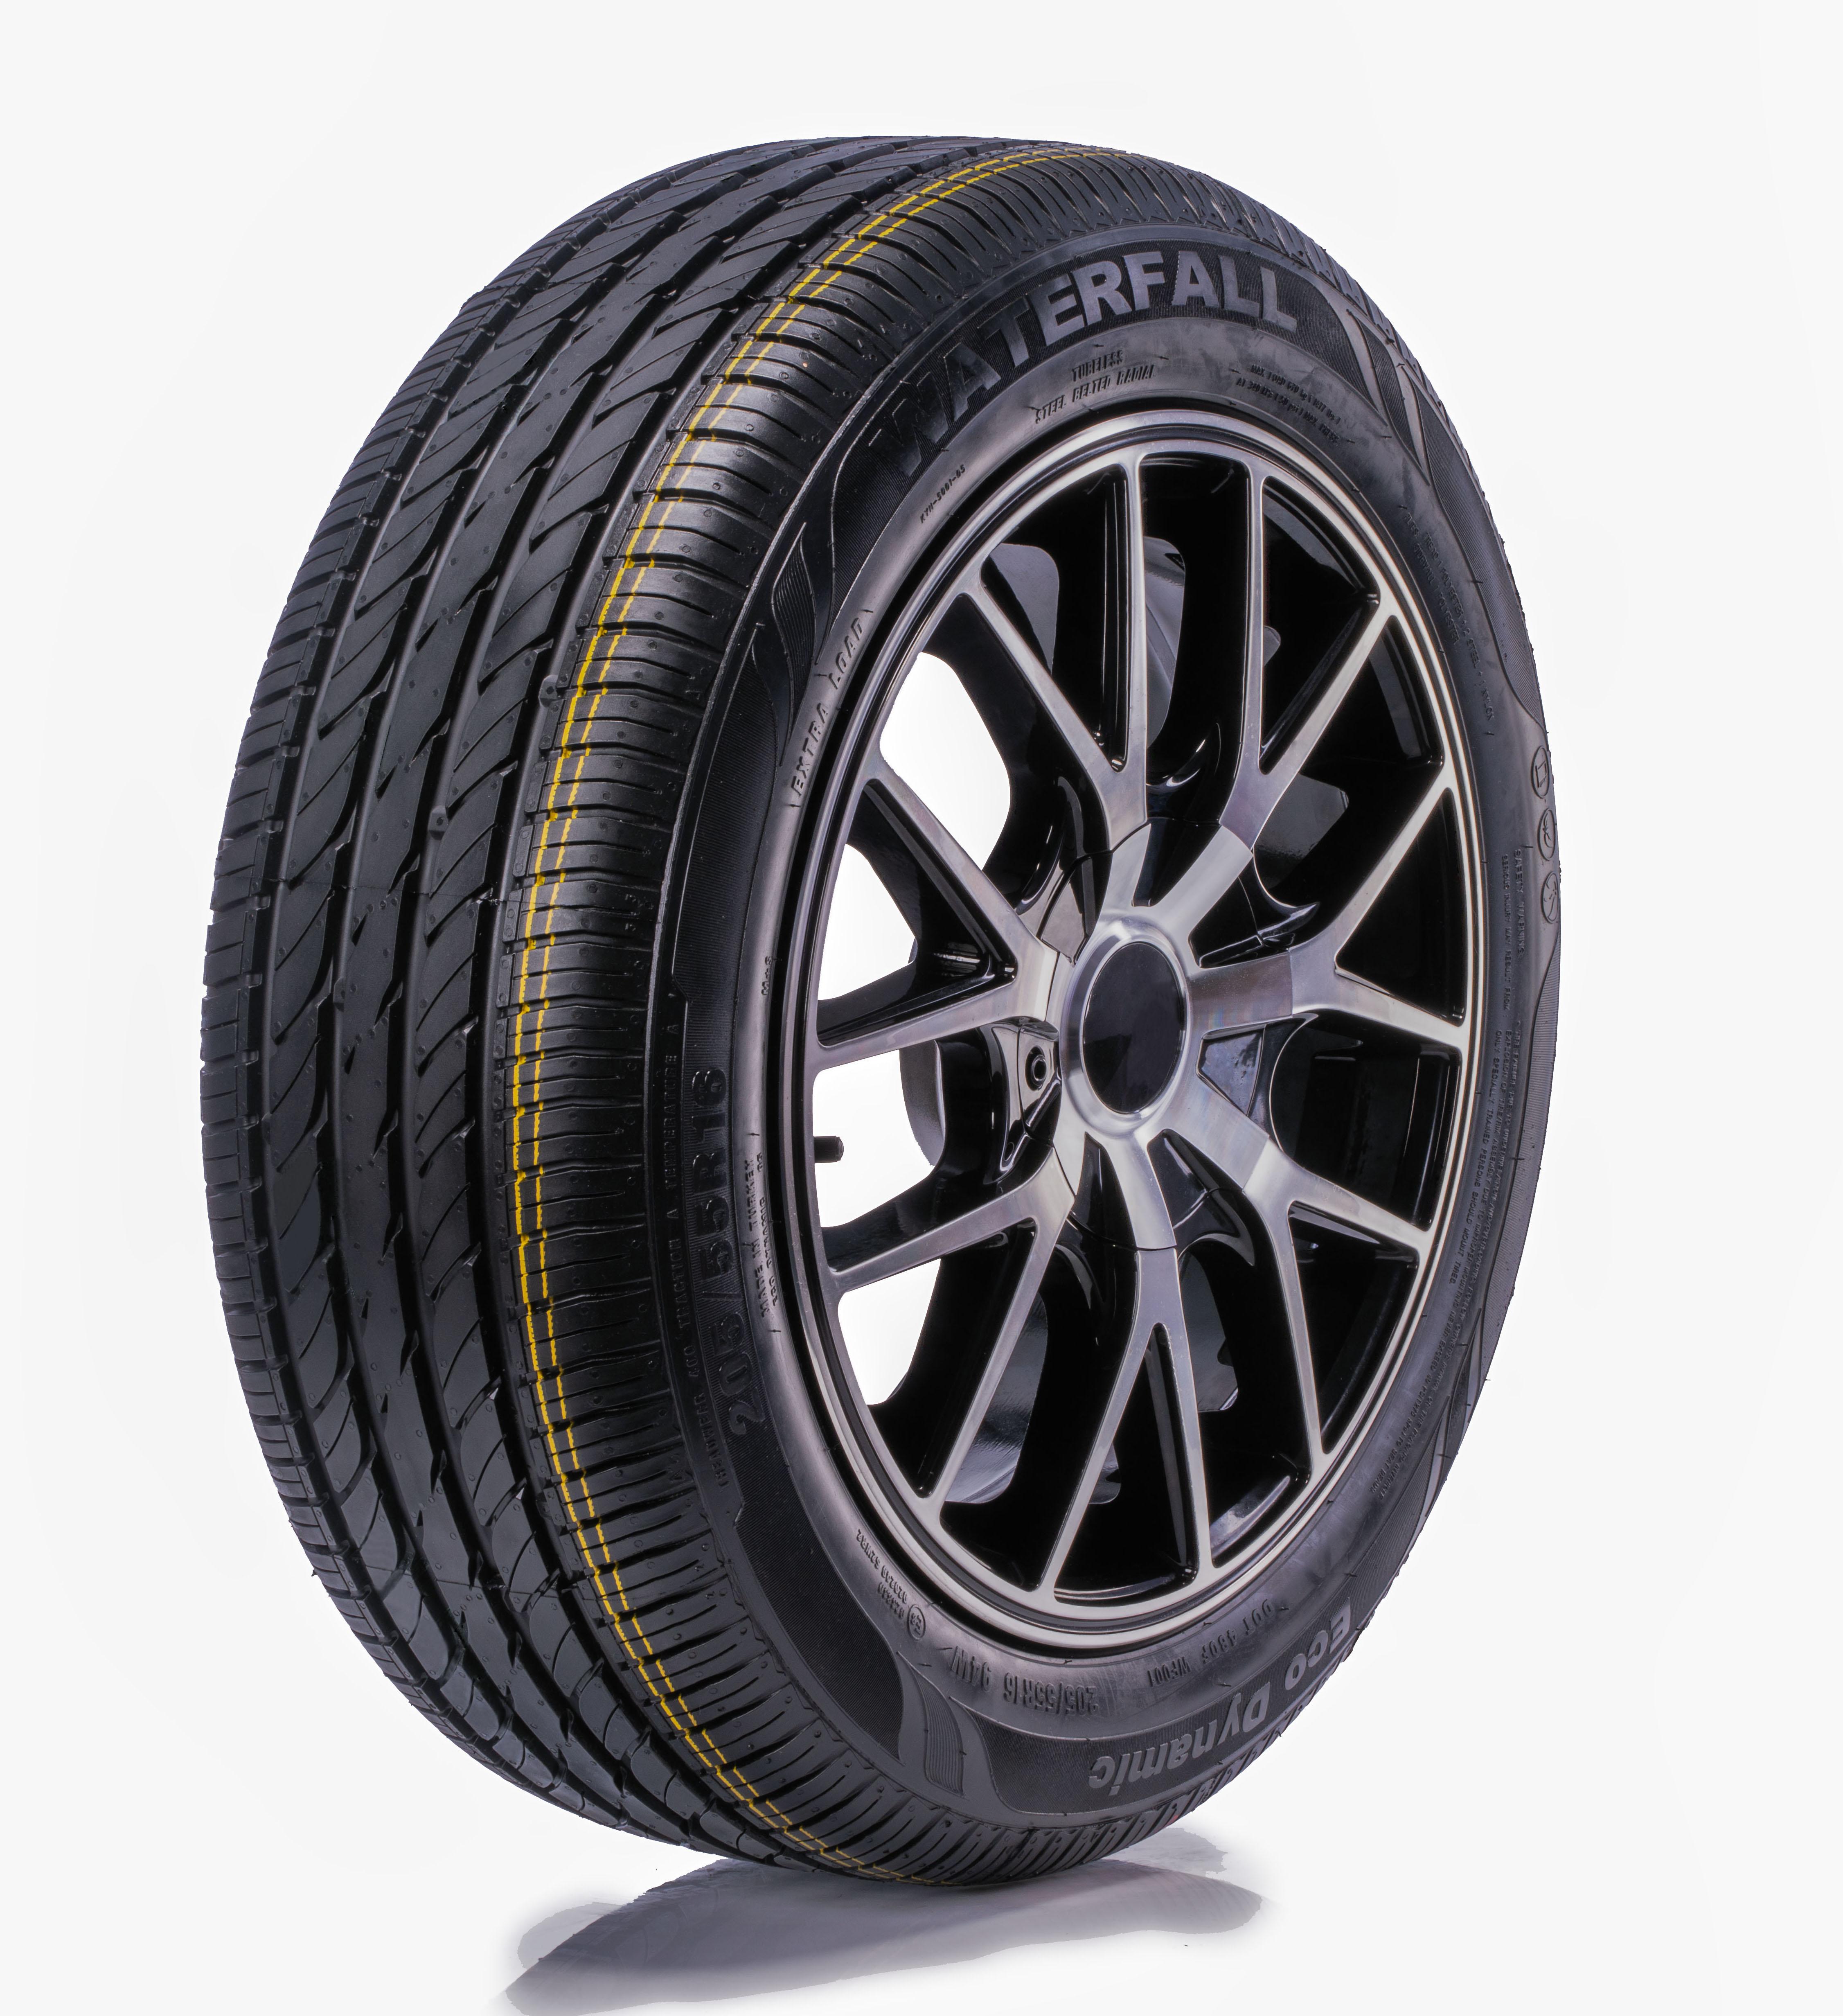 Horizon Will Bring Waterfall Brand Tires to SEMA